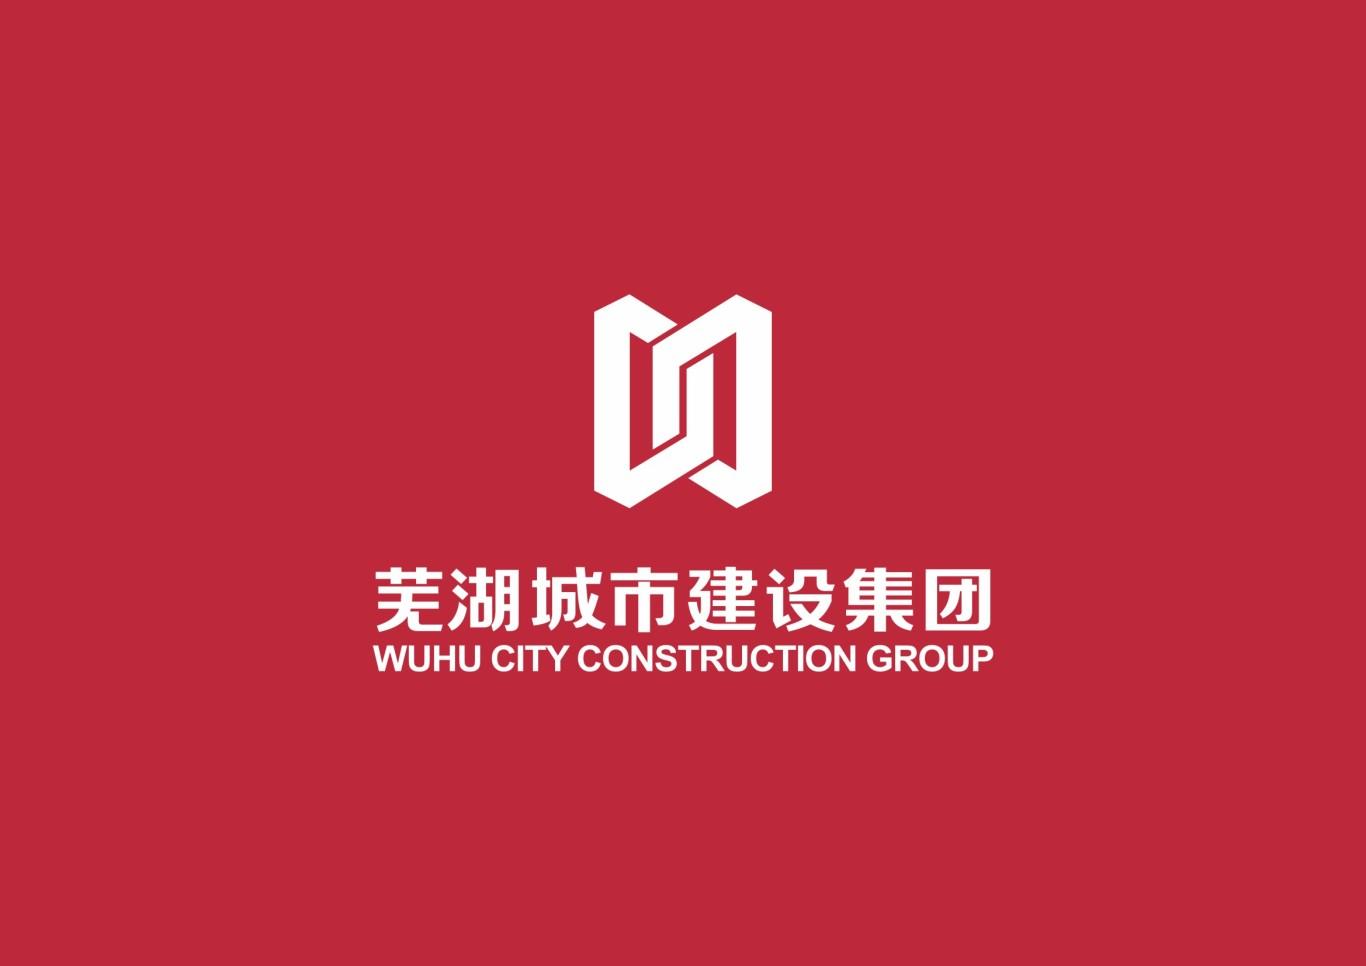 芜湖城市建设集团标志方案图2